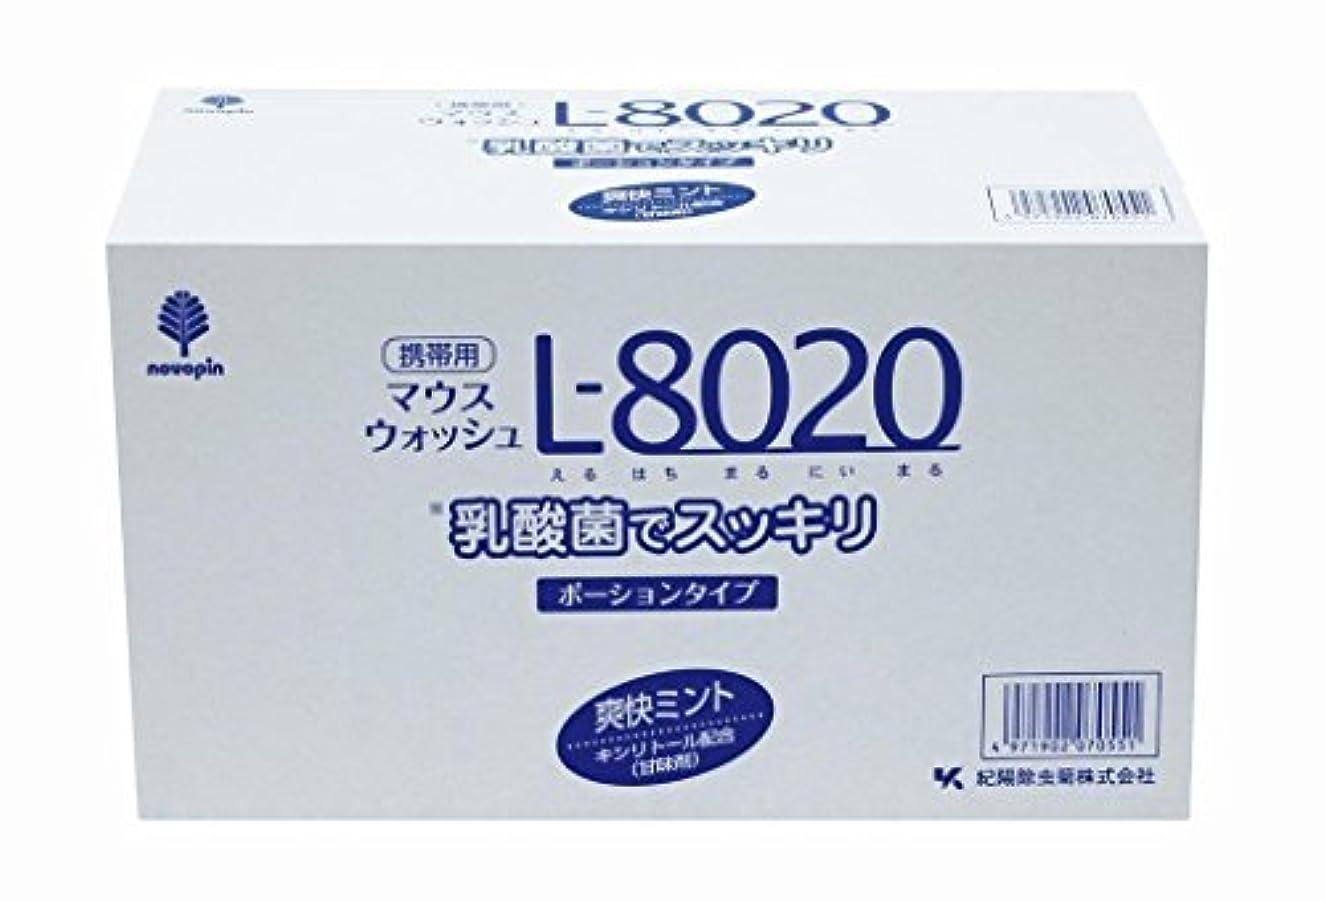 スチュアート島付与ベッドを作るクチュッペL-8020爽快ミントポーションタイプ100個入(アルコール) 【まとめ買い10個セット】 K-7055 日本製 Japan